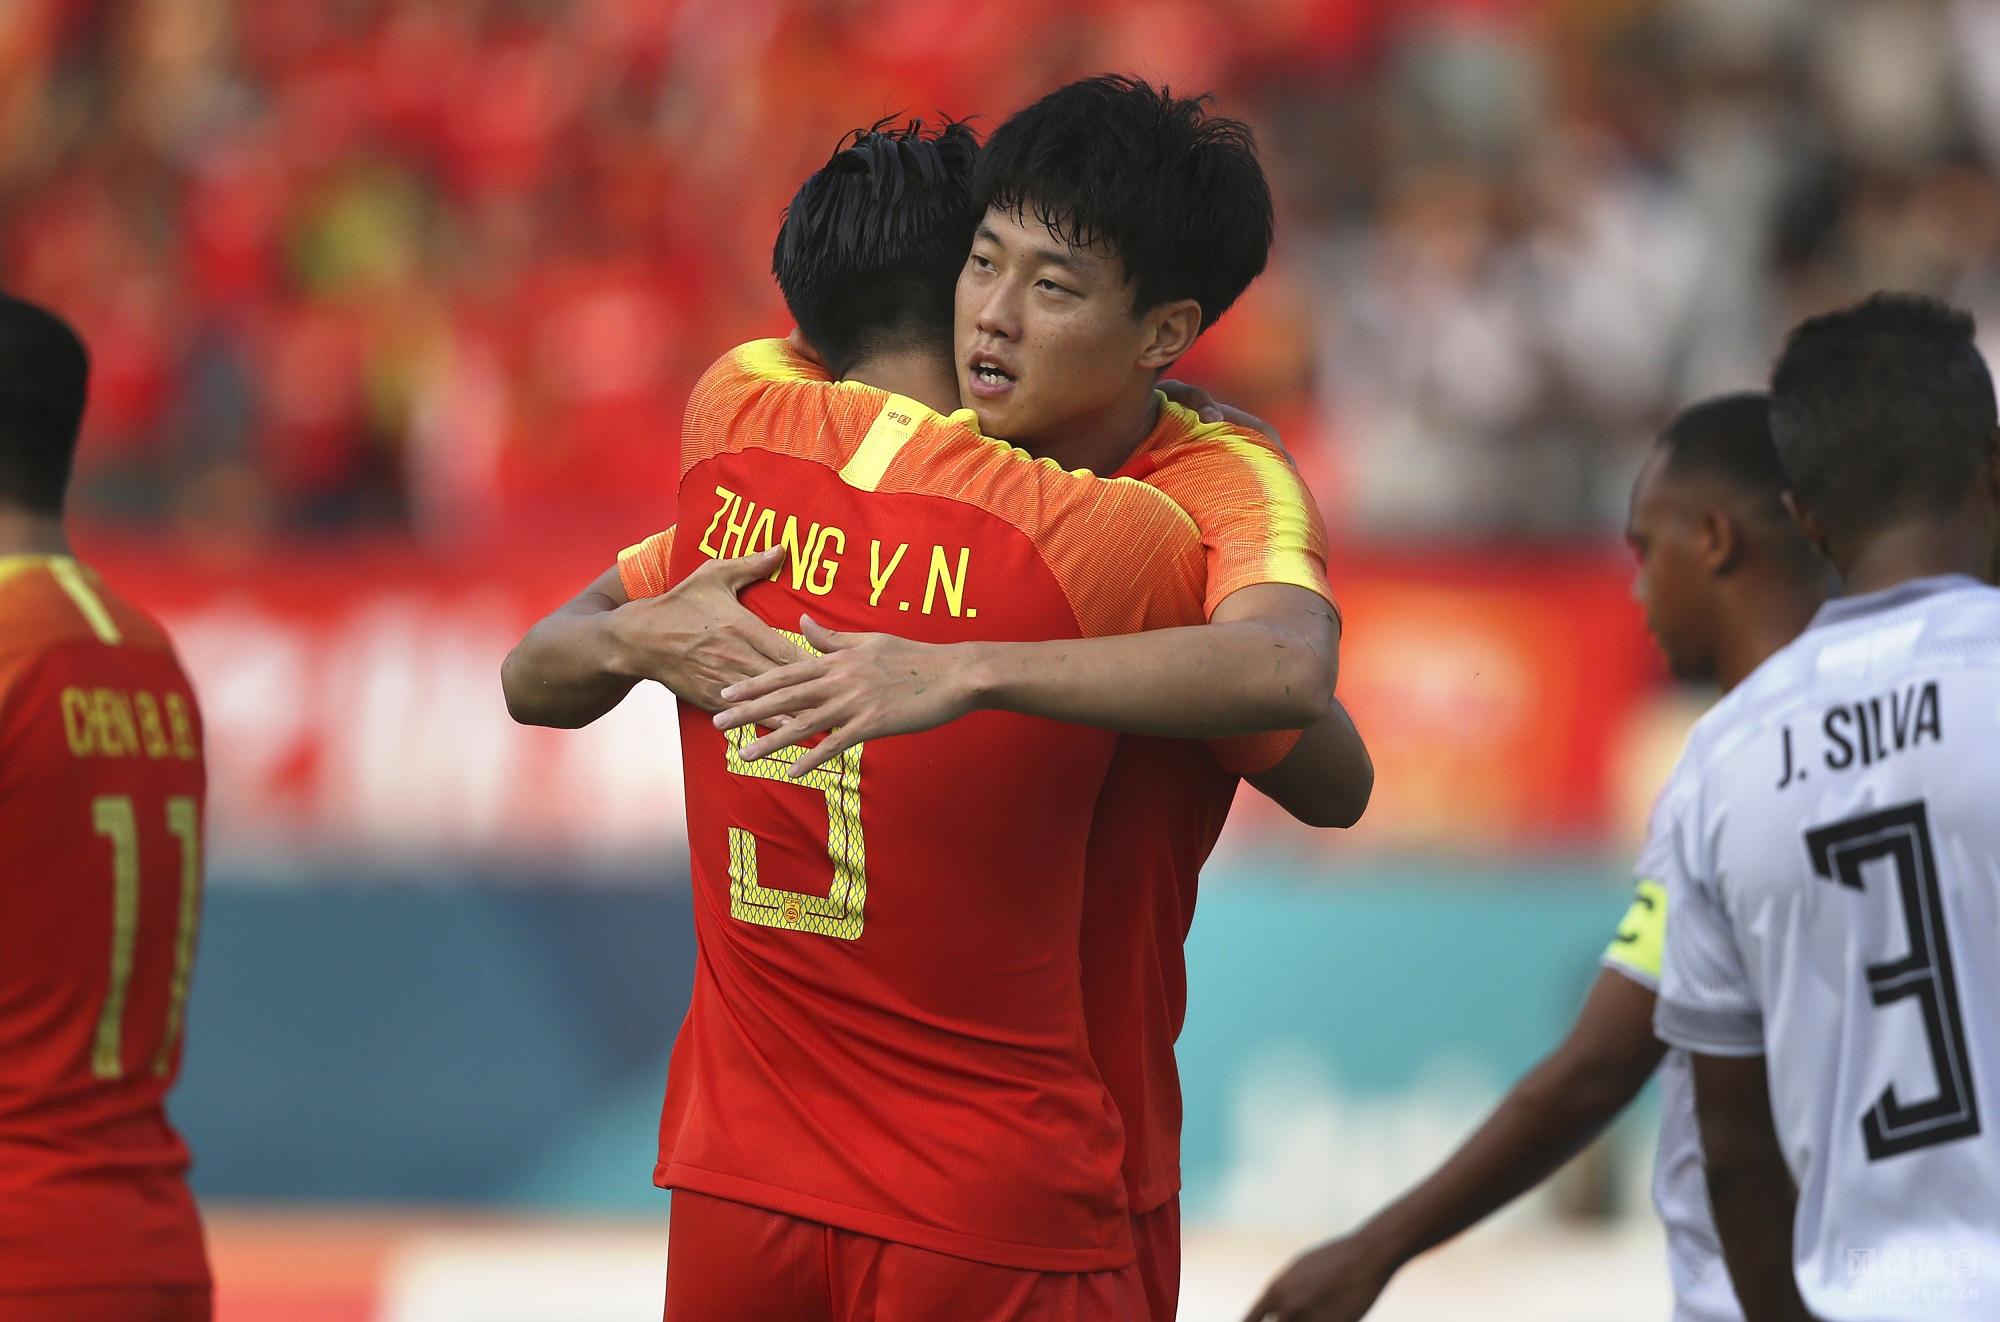 2018年印尼亚运会男足小组赛C组首轮的一场比赛在中国U23和东帝汶U23间进行。上半场张玉宁闪击,张源扩大领先优势,高准翼头球再下一城,韦世豪建功,姚均晟世界波破门,下半场高准翼再入一球。最终U23国足6-0战胜东帝汶迎来本届赛事的开门红。